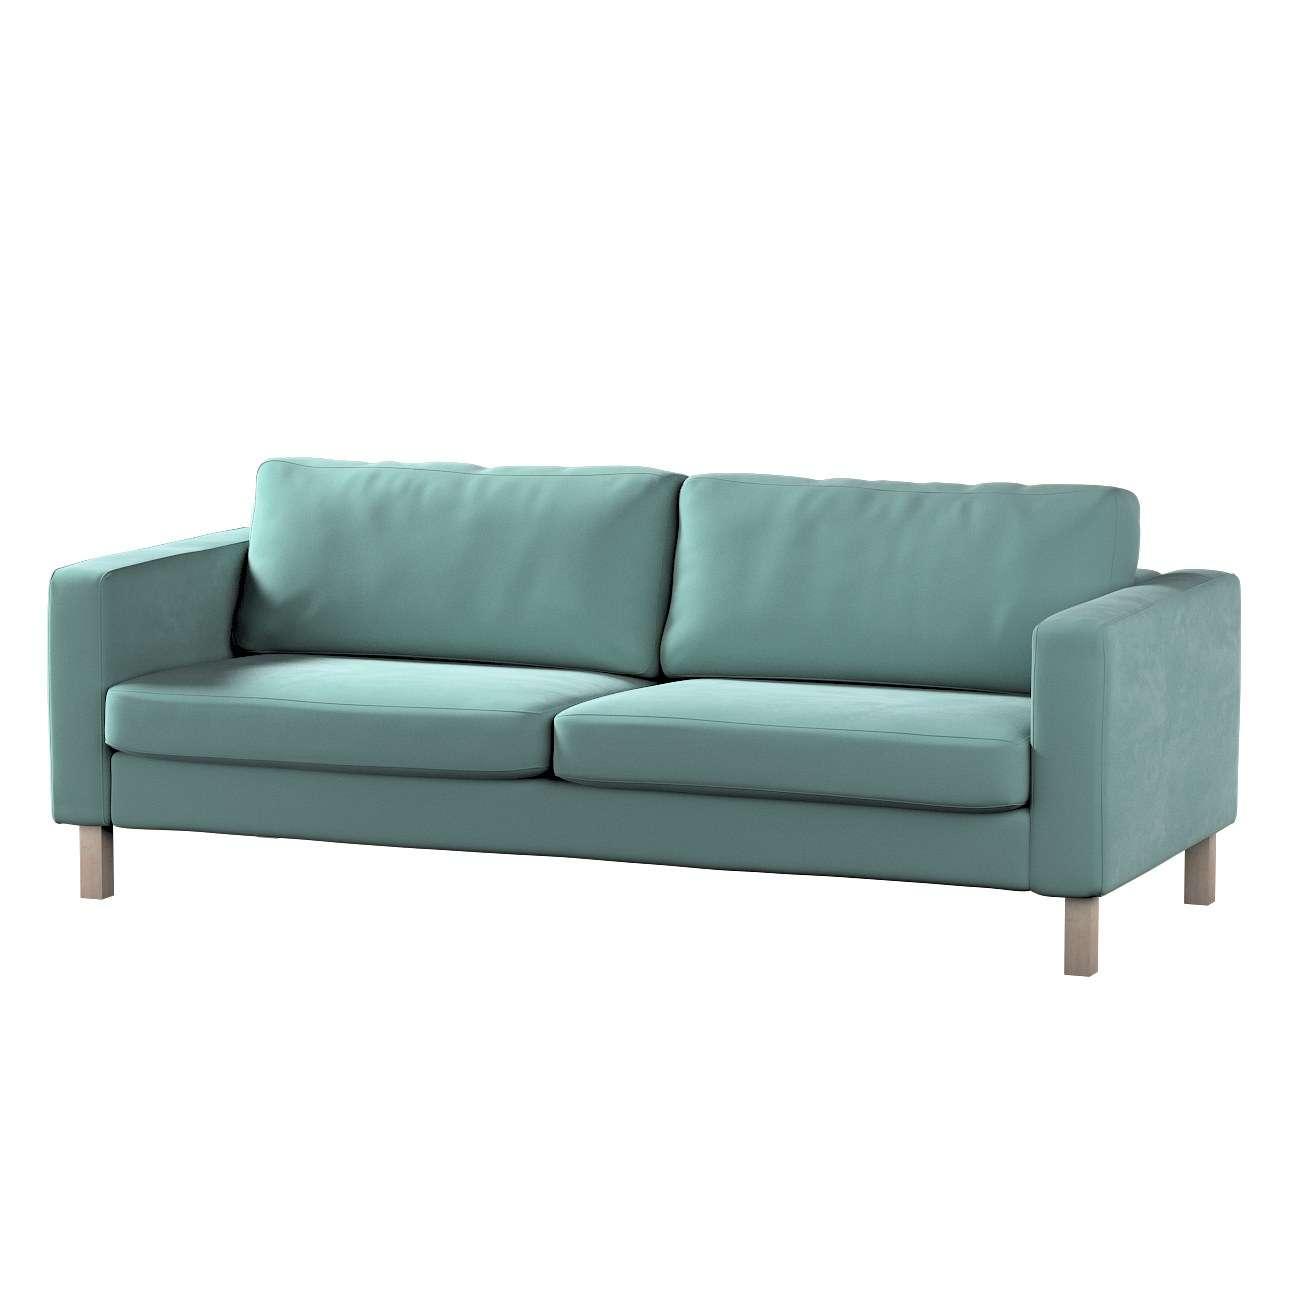 Pokrowiec na sofę Karlstad 3-osobową nierozkładaną, krótki w kolekcji Velvet, tkanina: 704-18